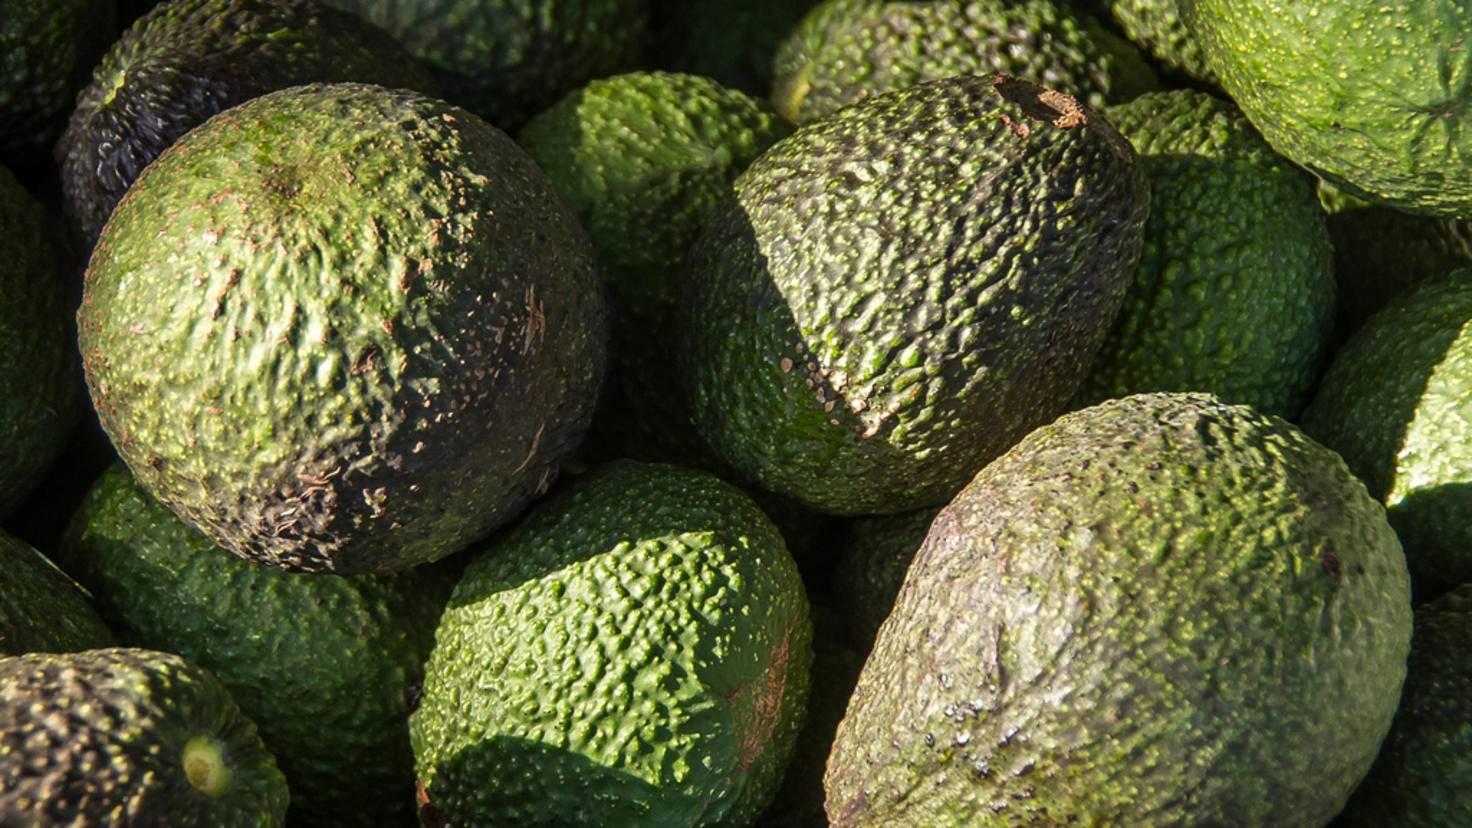 Nährstoffbomben: Avocados haben es im wahrsten Sinne des Wortes in sich.